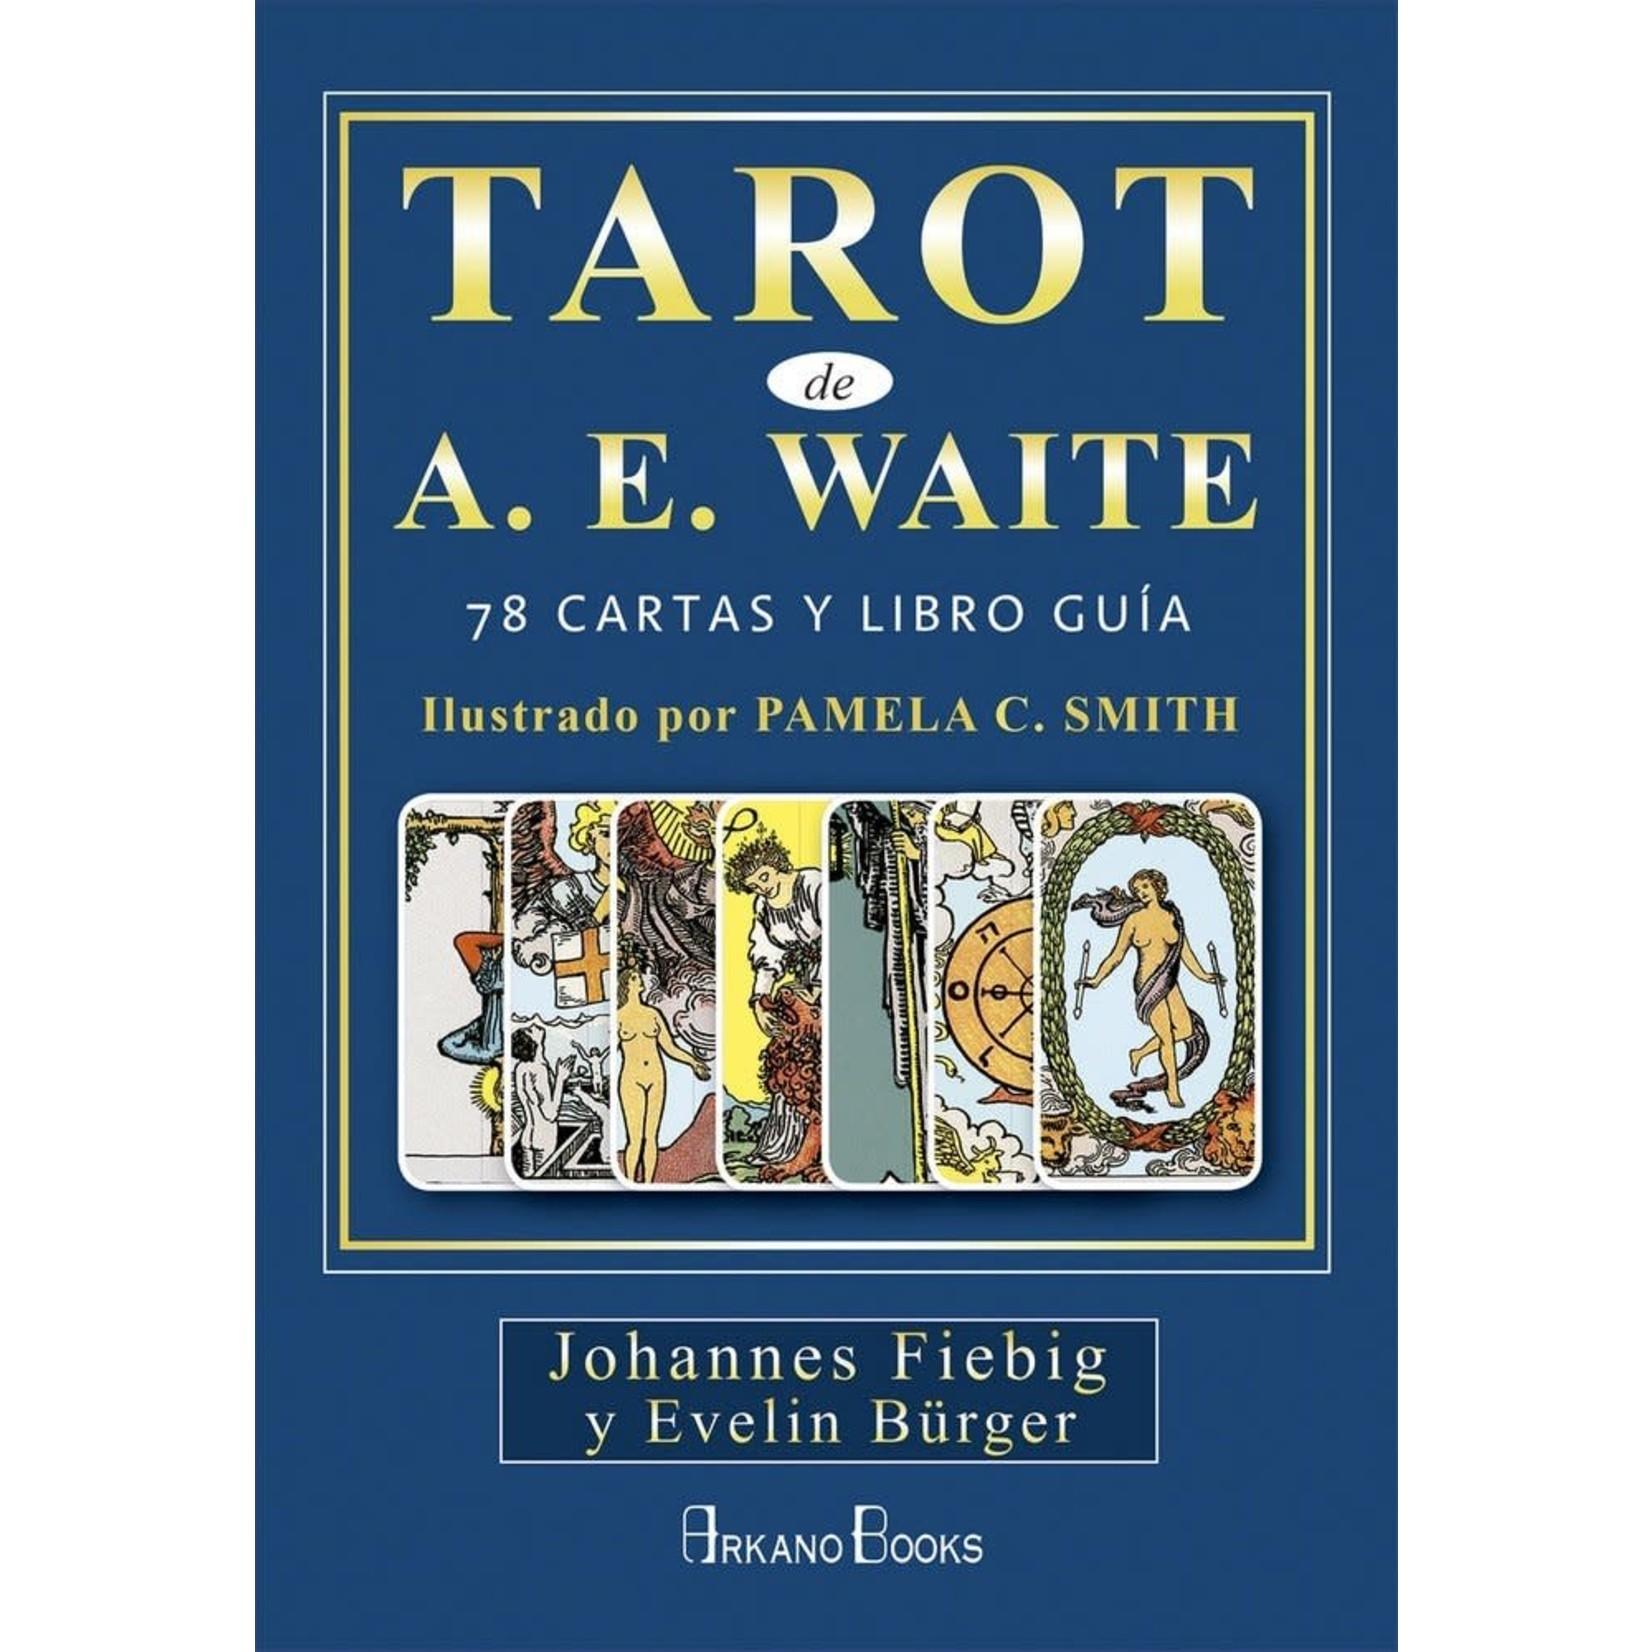 TAROT DE A E WAITE